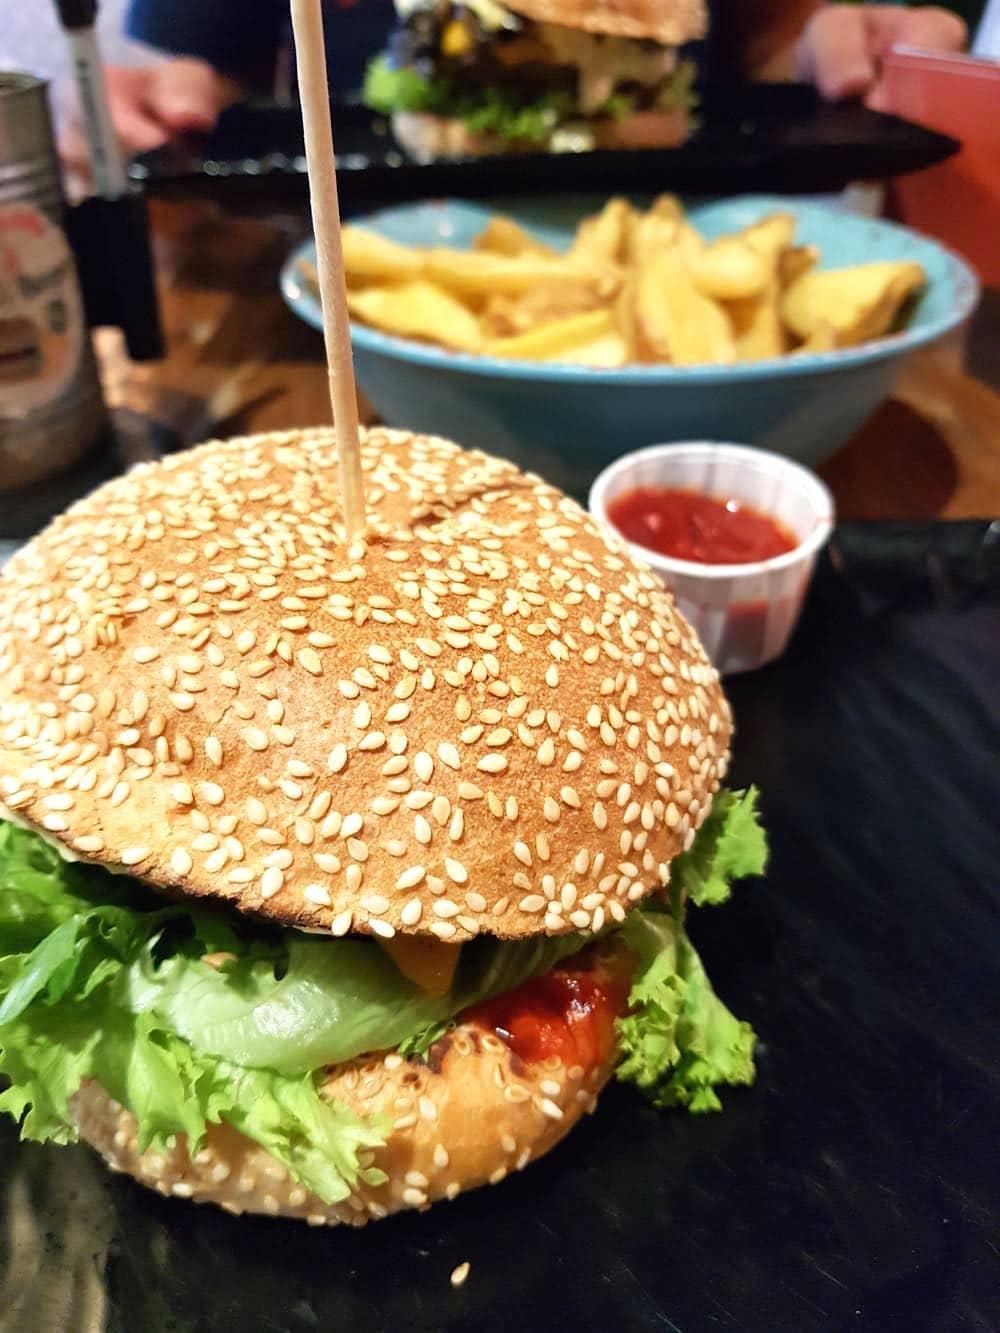 luebeck leos juice and burger roadtrip urlaub 4 - Tipps für einen Roadtrip durch Ostdeutschland